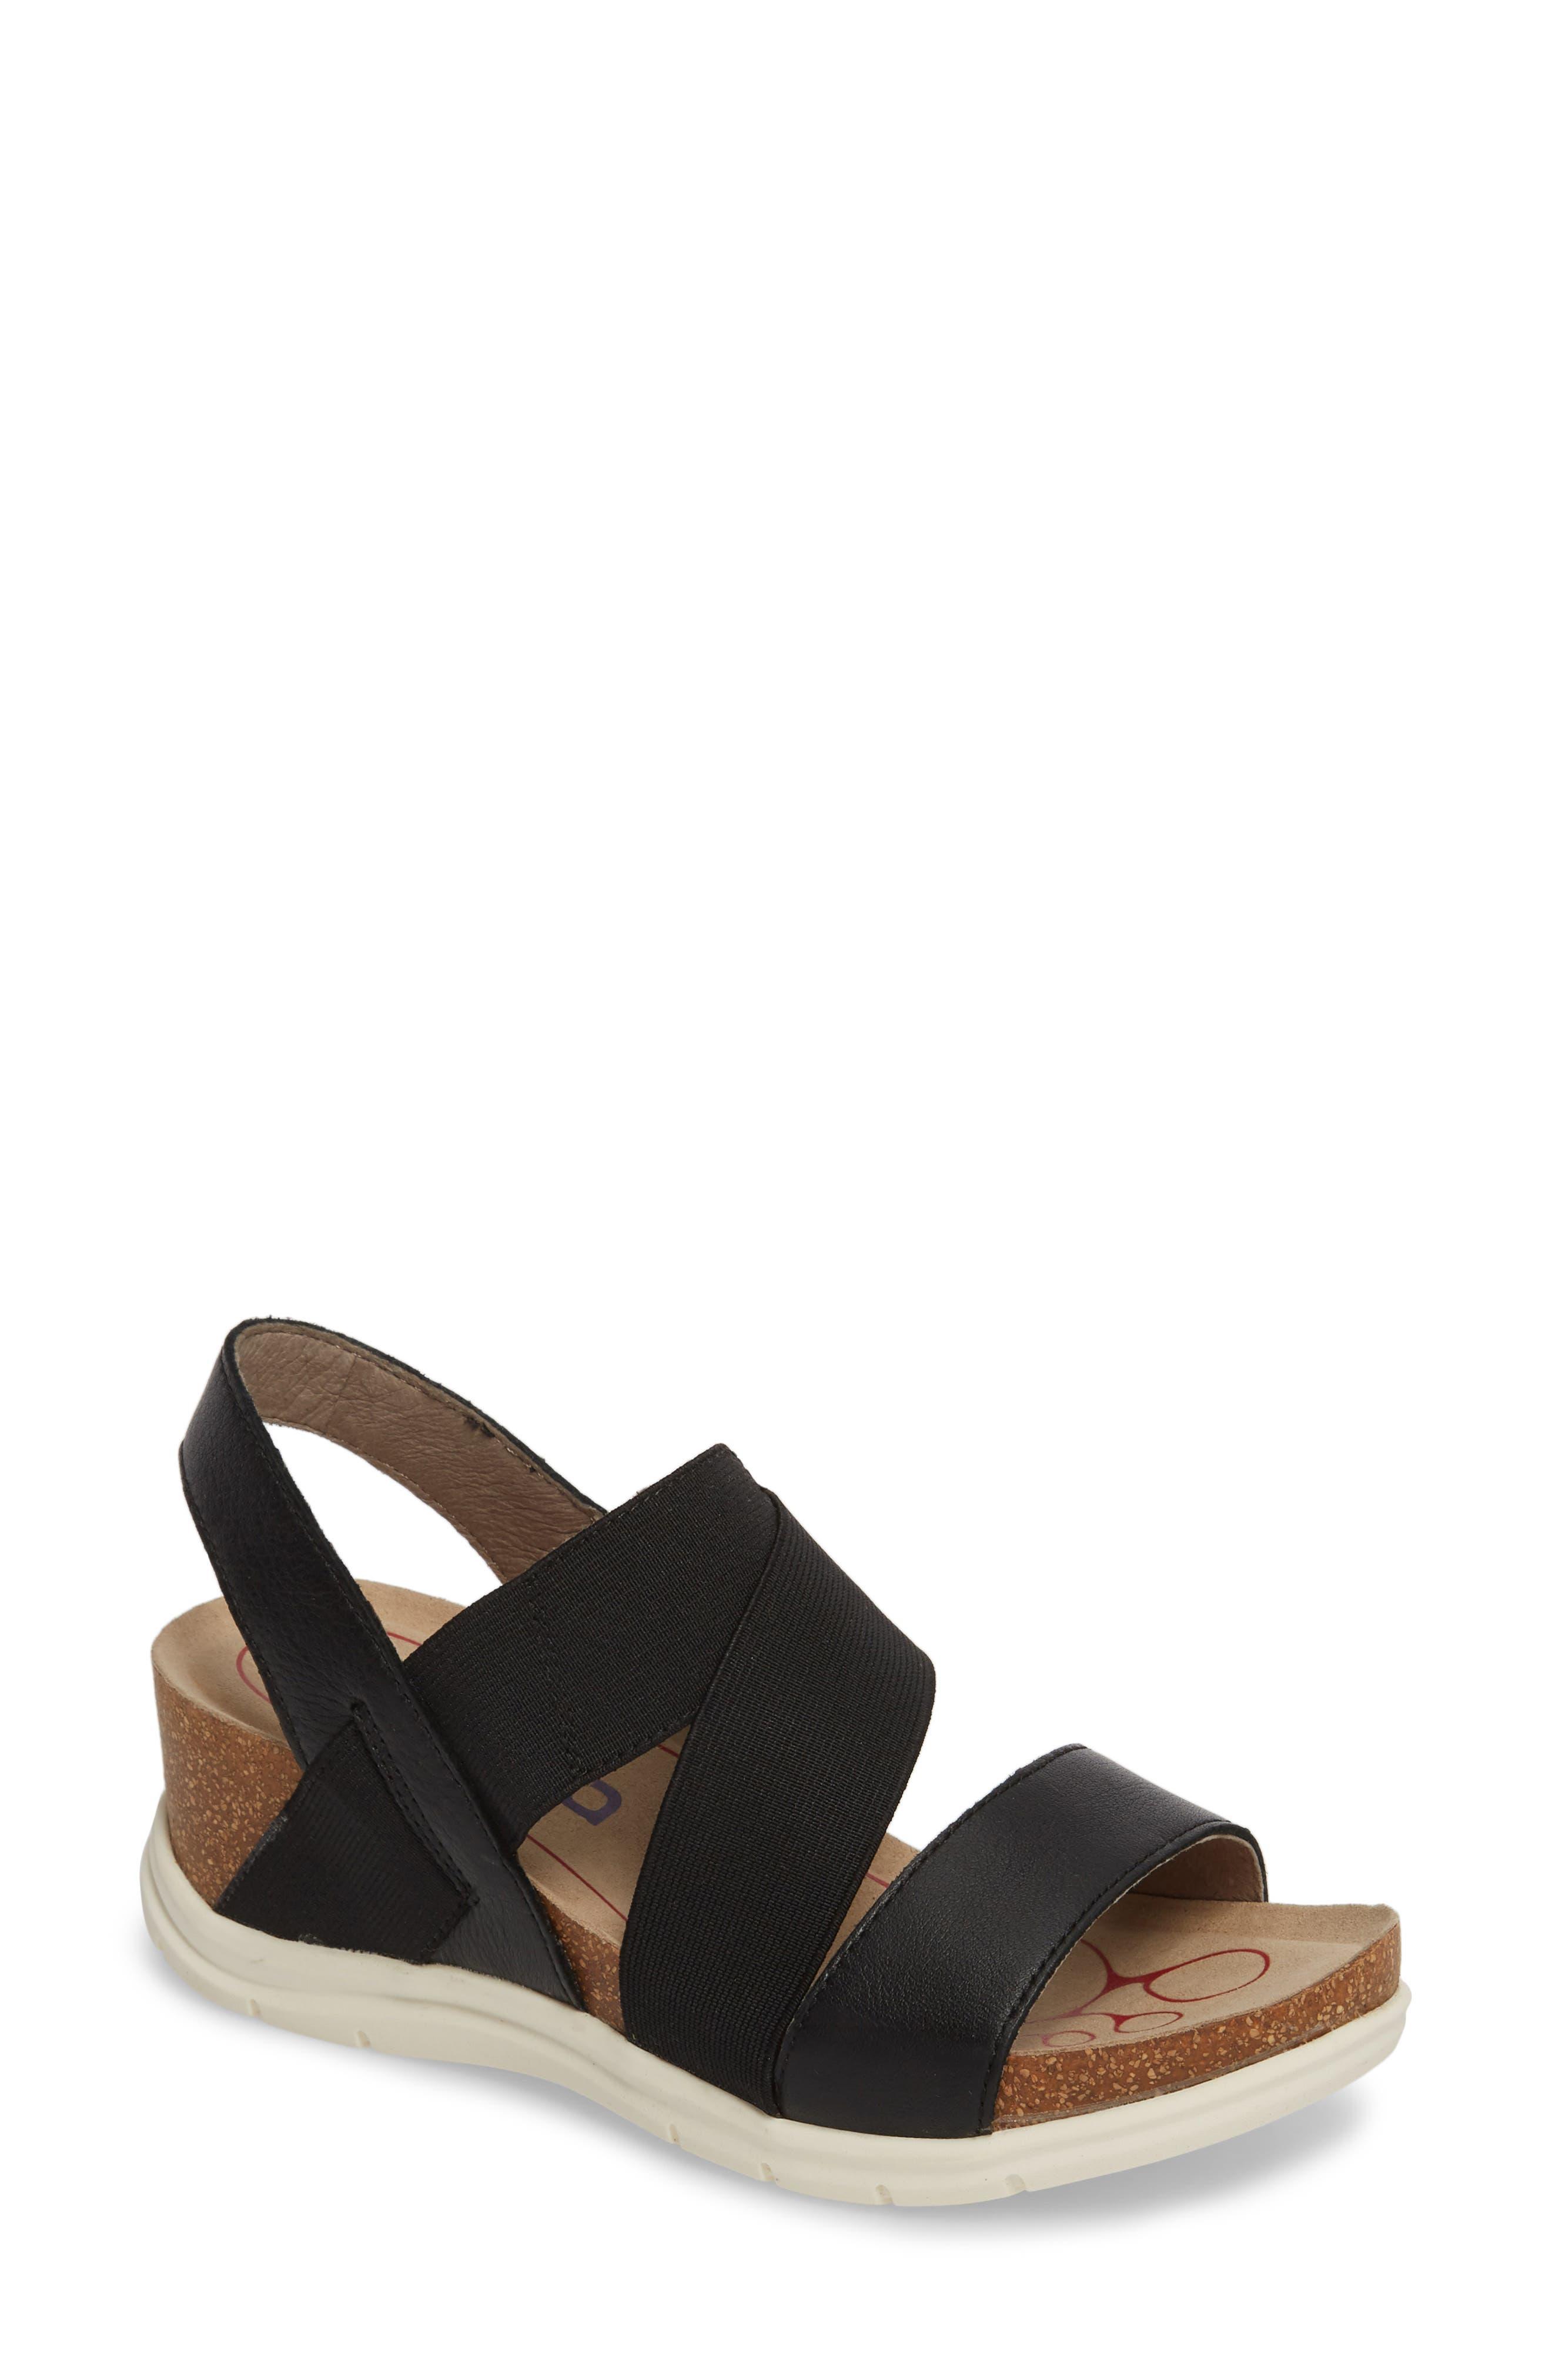 Paisley Wedge Sandal,                             Main thumbnail 1, color,                             001